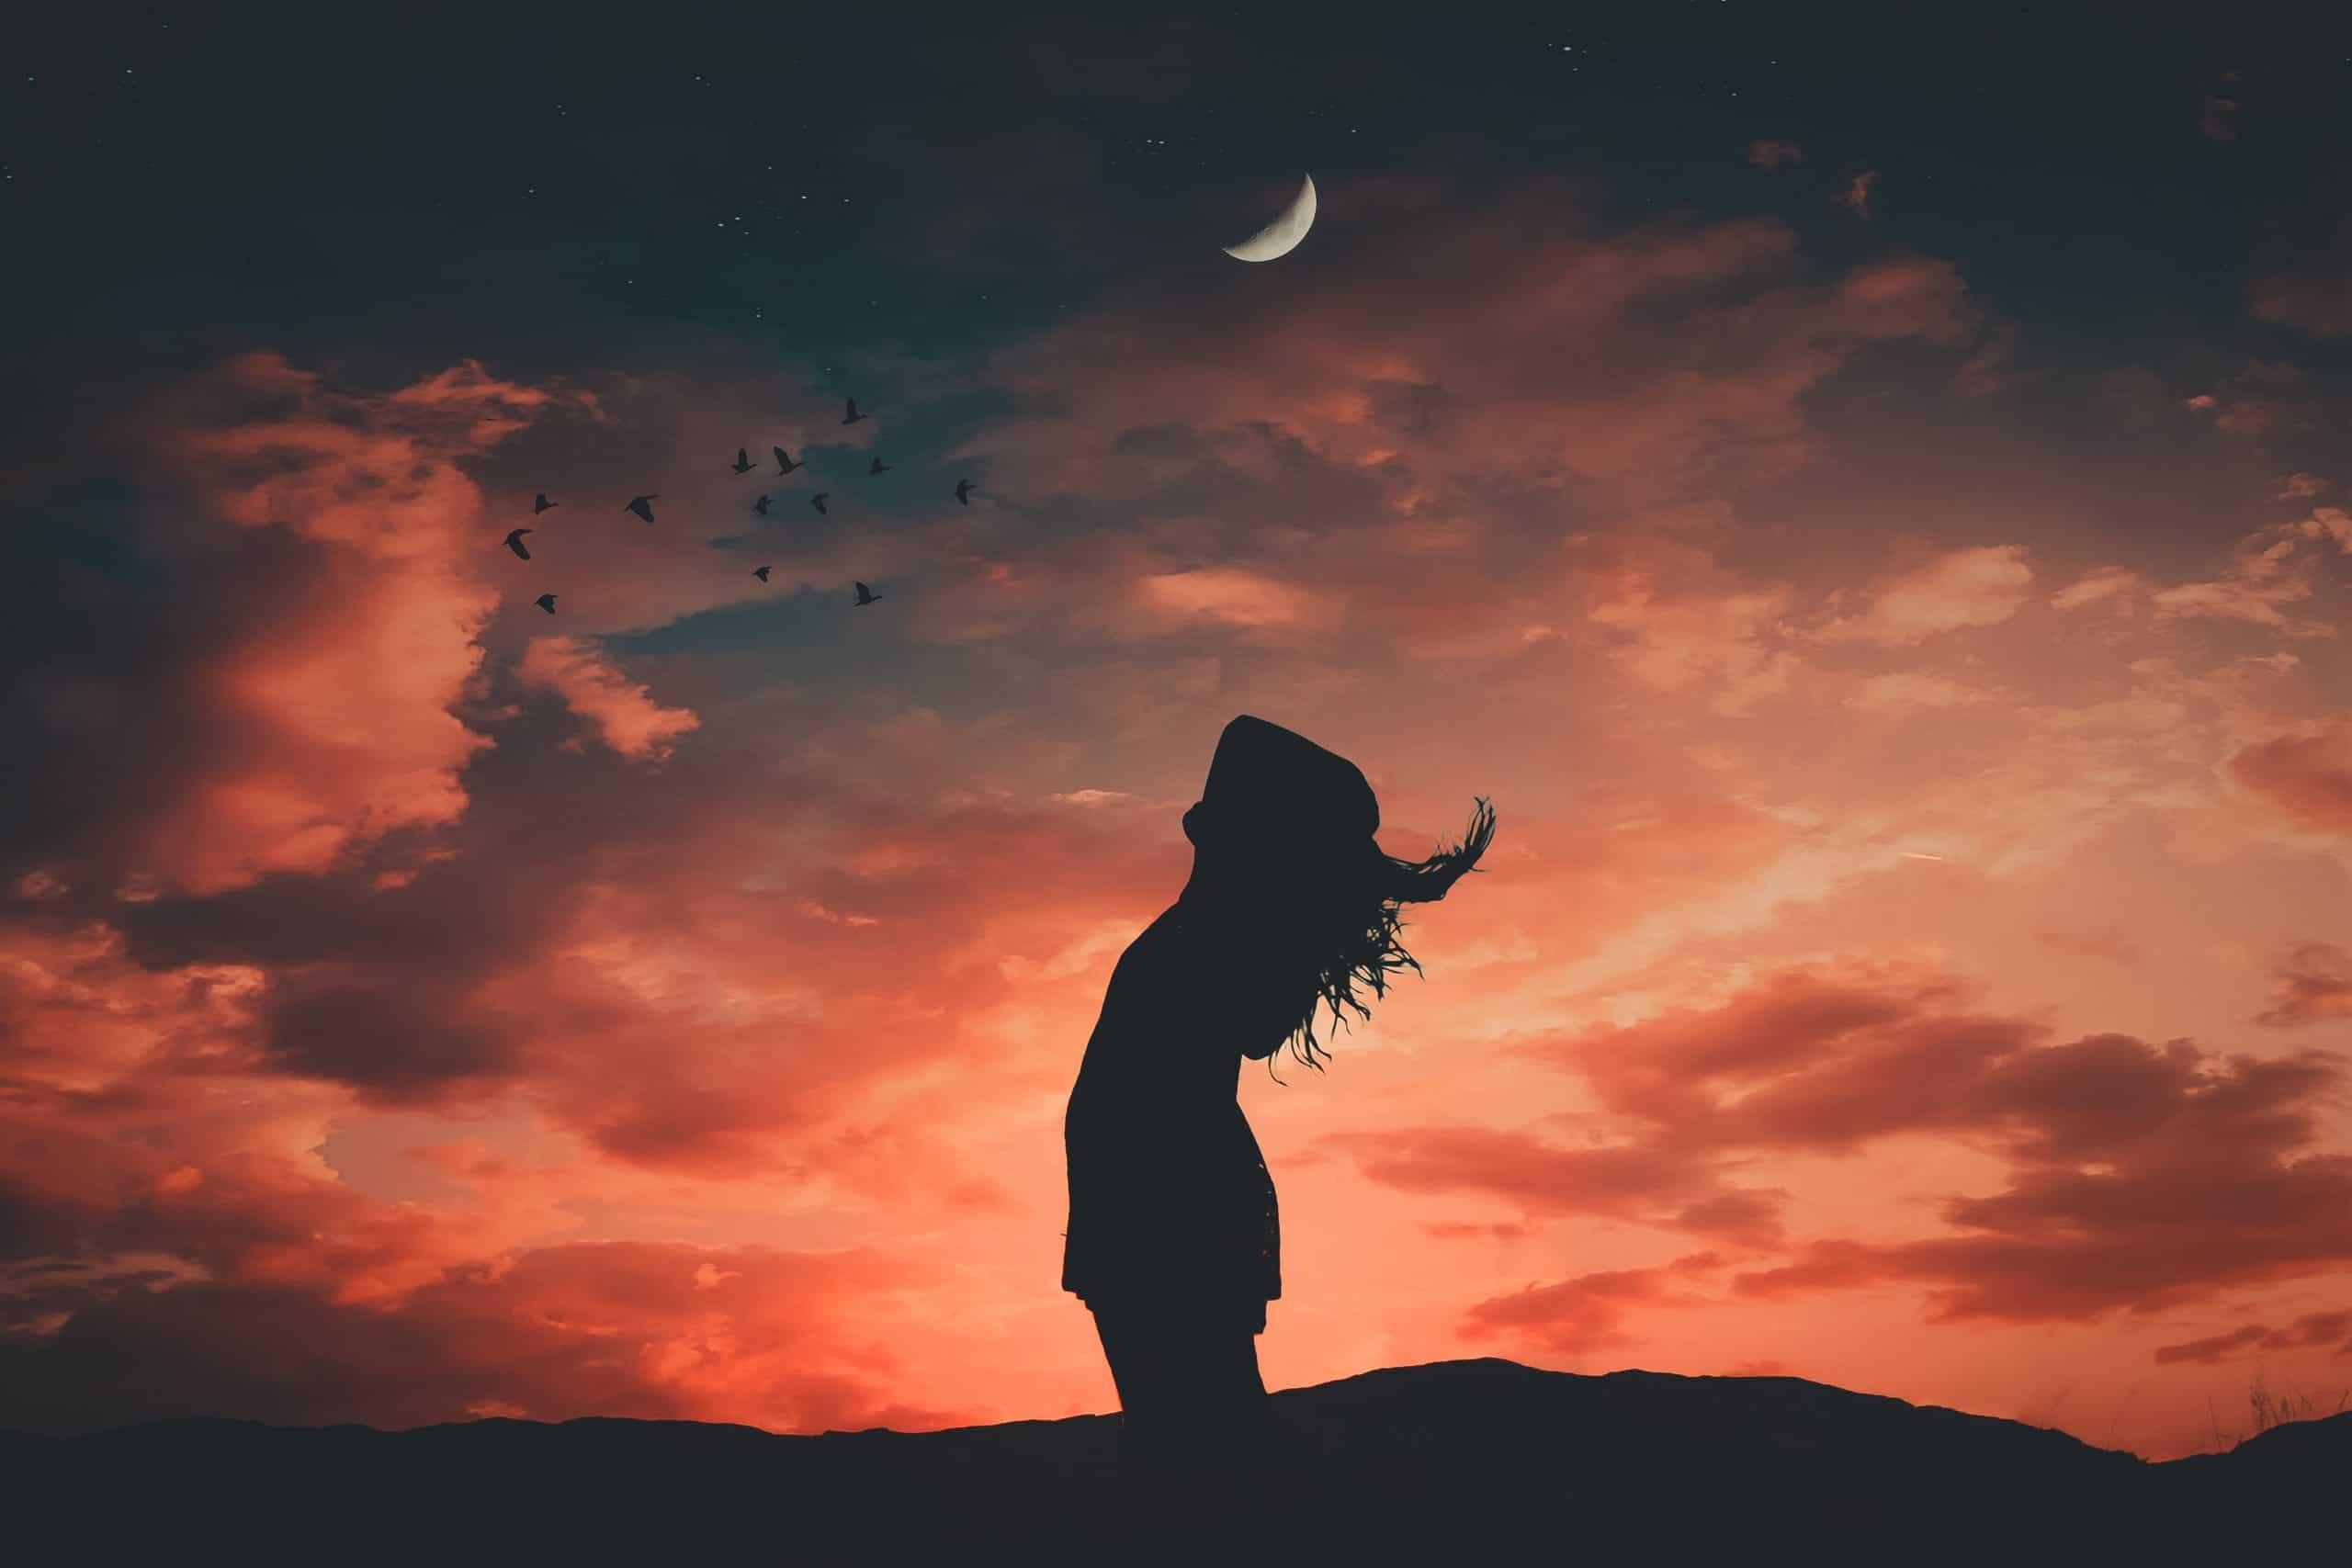 Silhueta de mulher com céu, lua e pássaros ao fundo